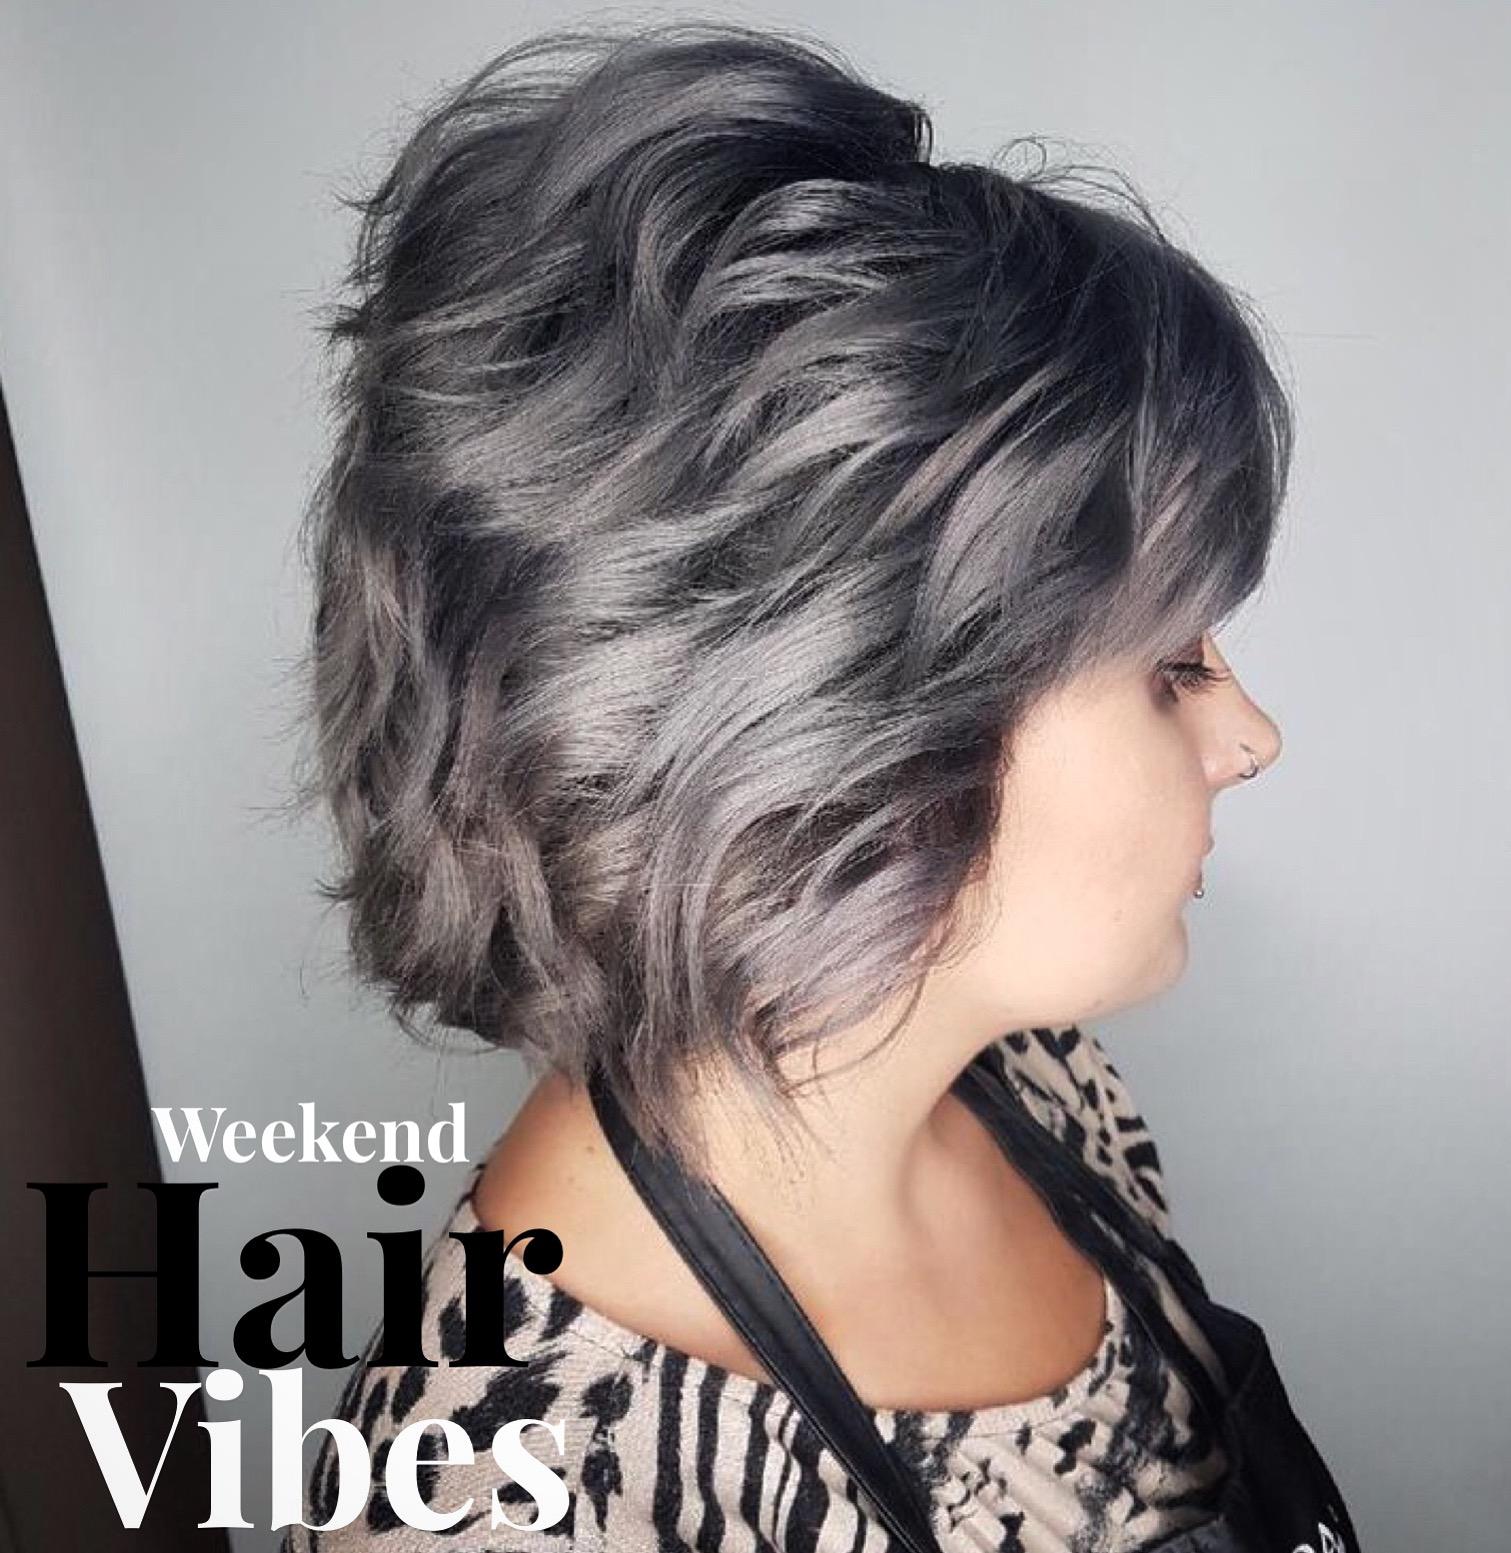 Silver hair hairstyle inn saskatoon